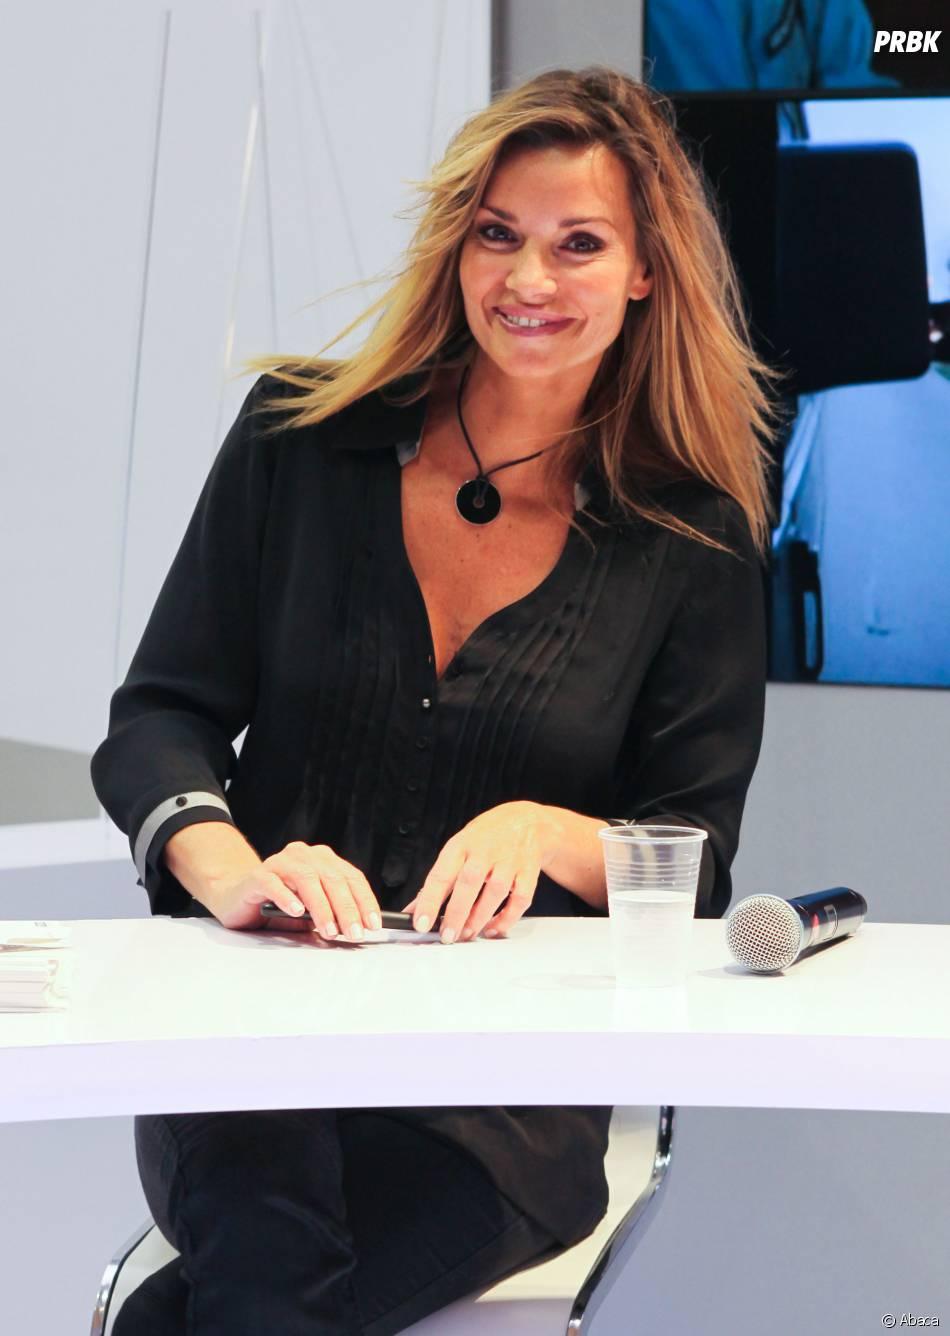 Ingrid Chauvin demande à ses fans de soutenir l'hôpital Necker